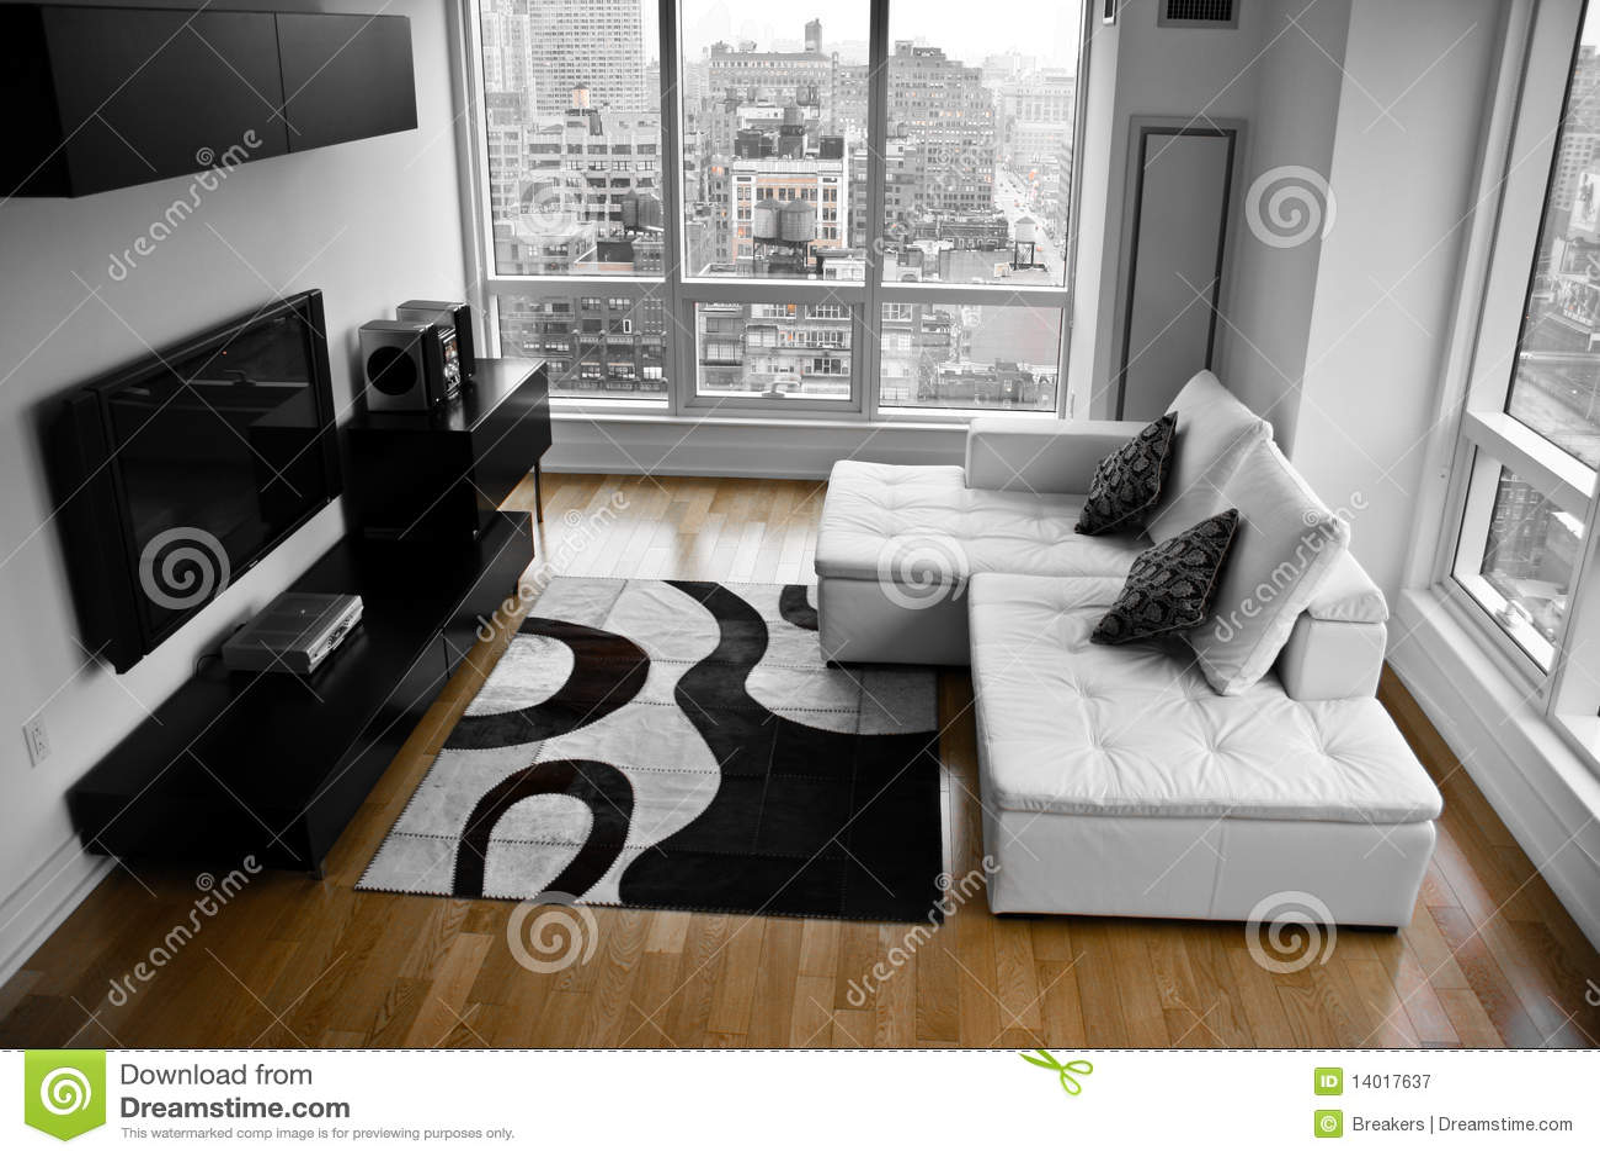 eine junggeselle auflage ein modernes wohnzimmer stockbild bild 14017637. Black Bedroom Furniture Sets. Home Design Ideas